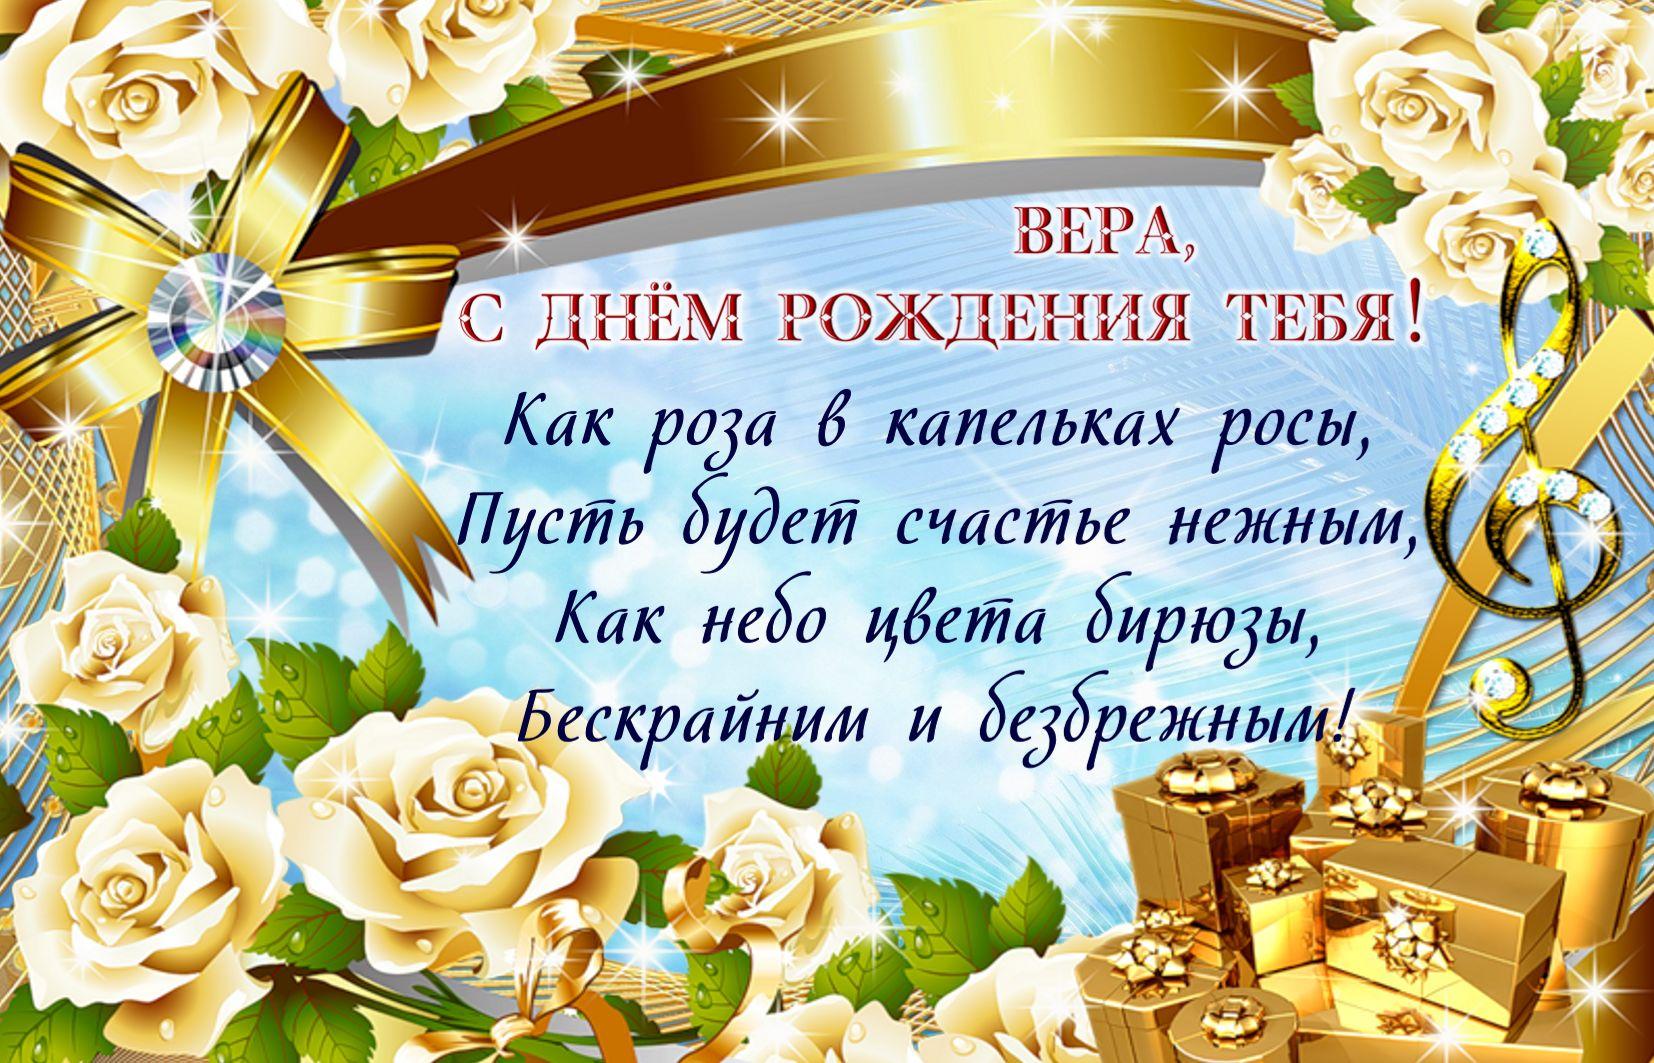 День рождения веры открытки с поздравлениями, подруге